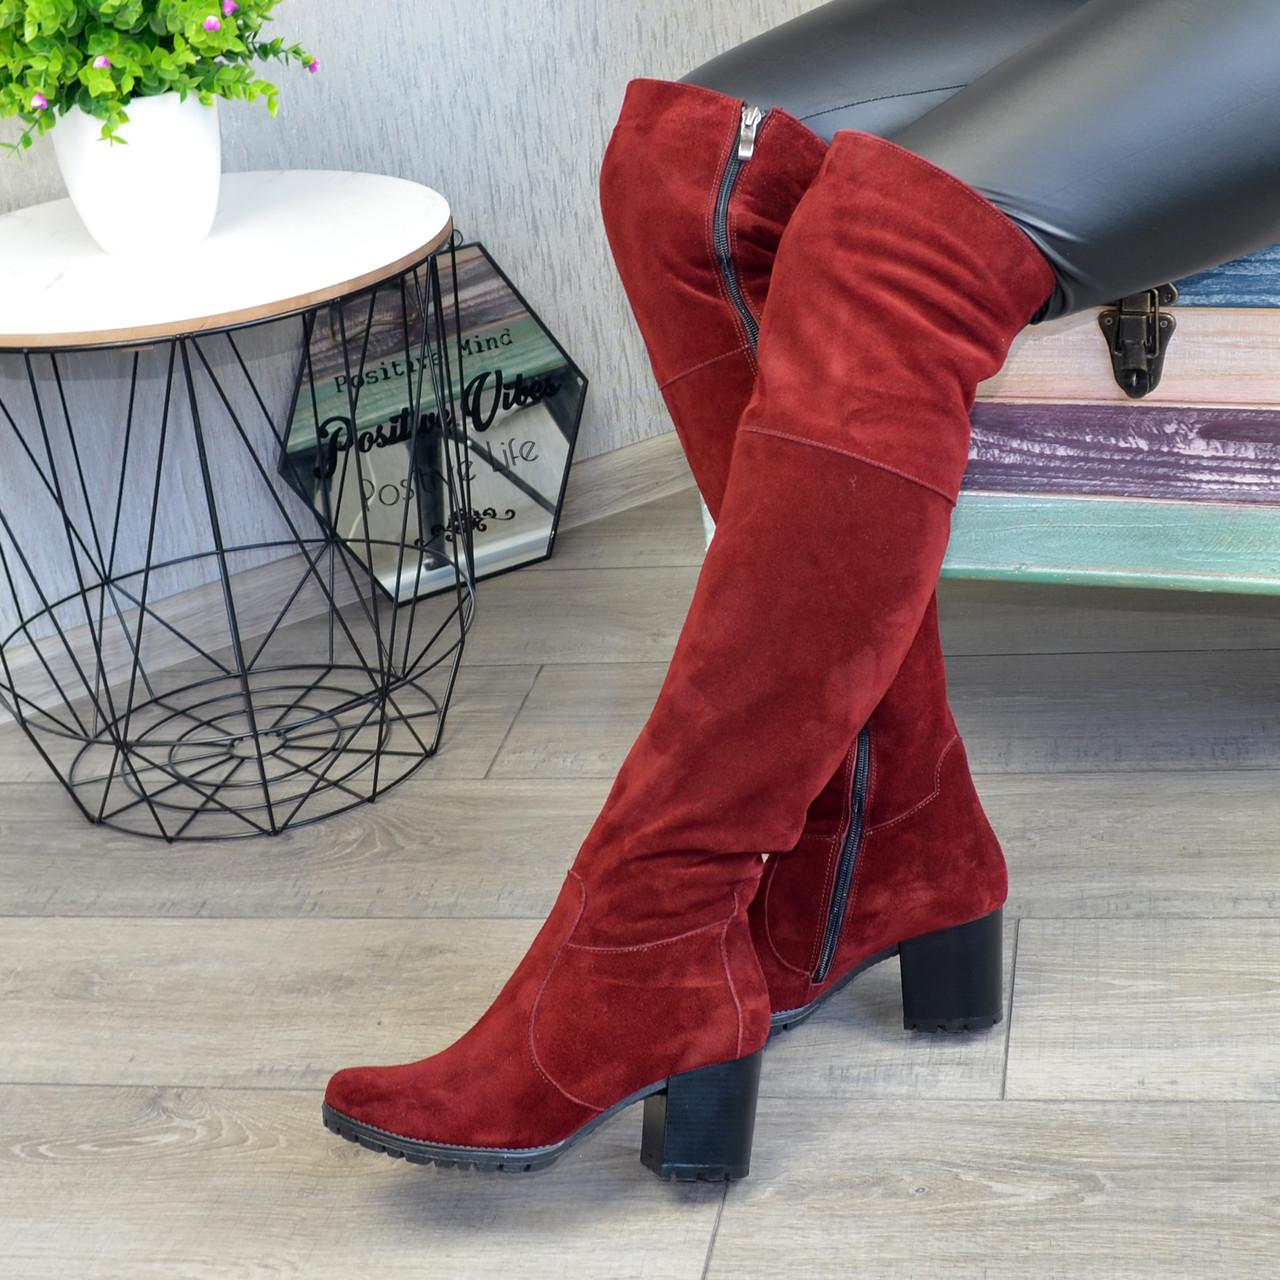 Ботфорты зимние замшевые на устойчивом каблуке, цвет бордо.